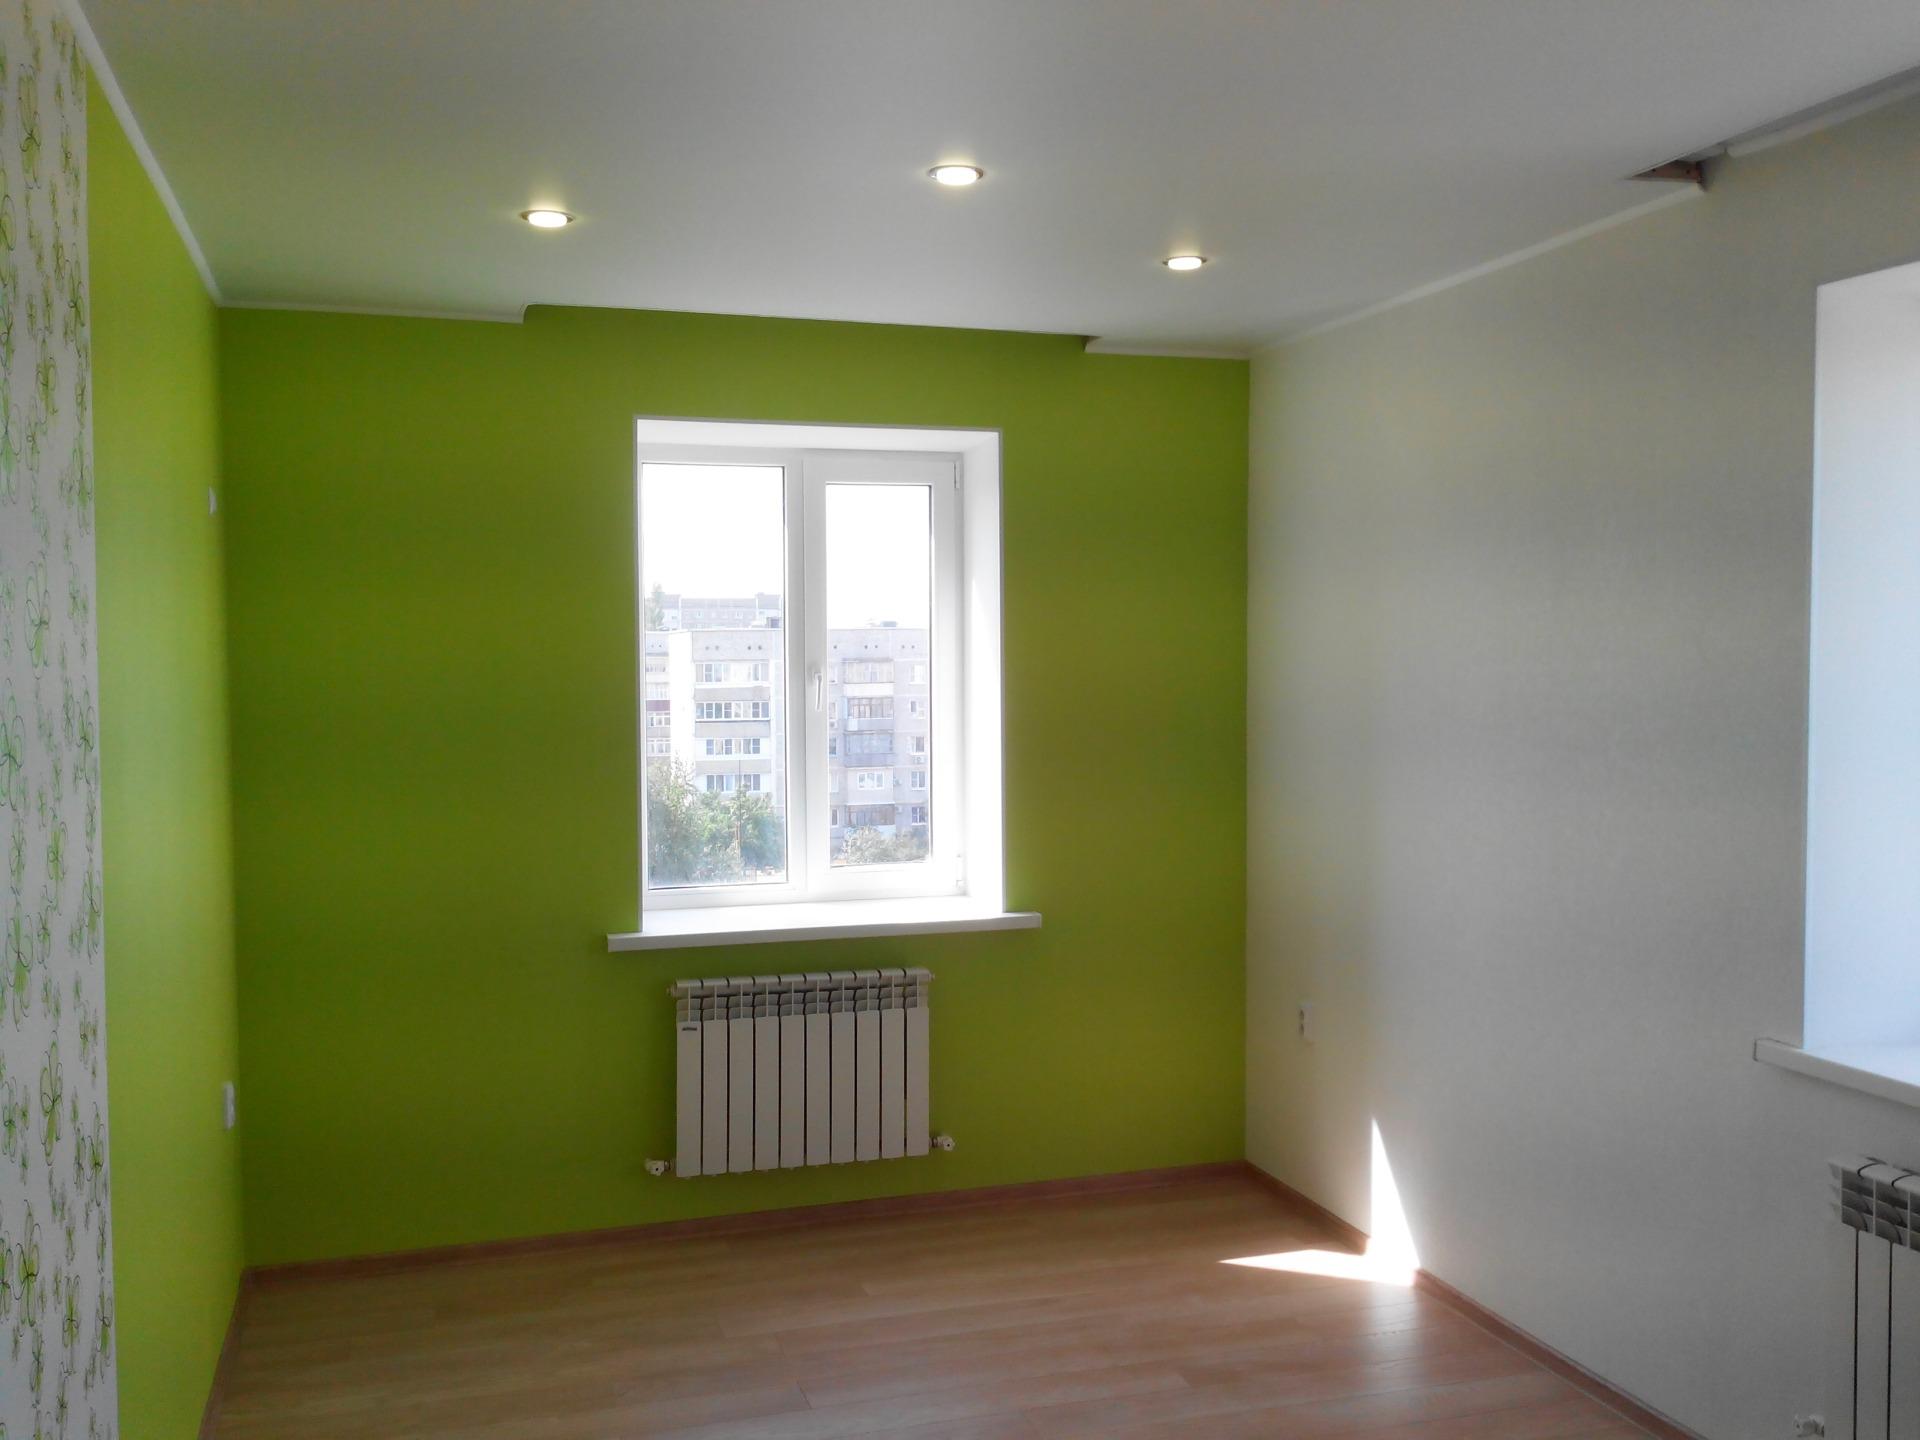 Расценки на недорогой ремонт квартир в Гулькевичи